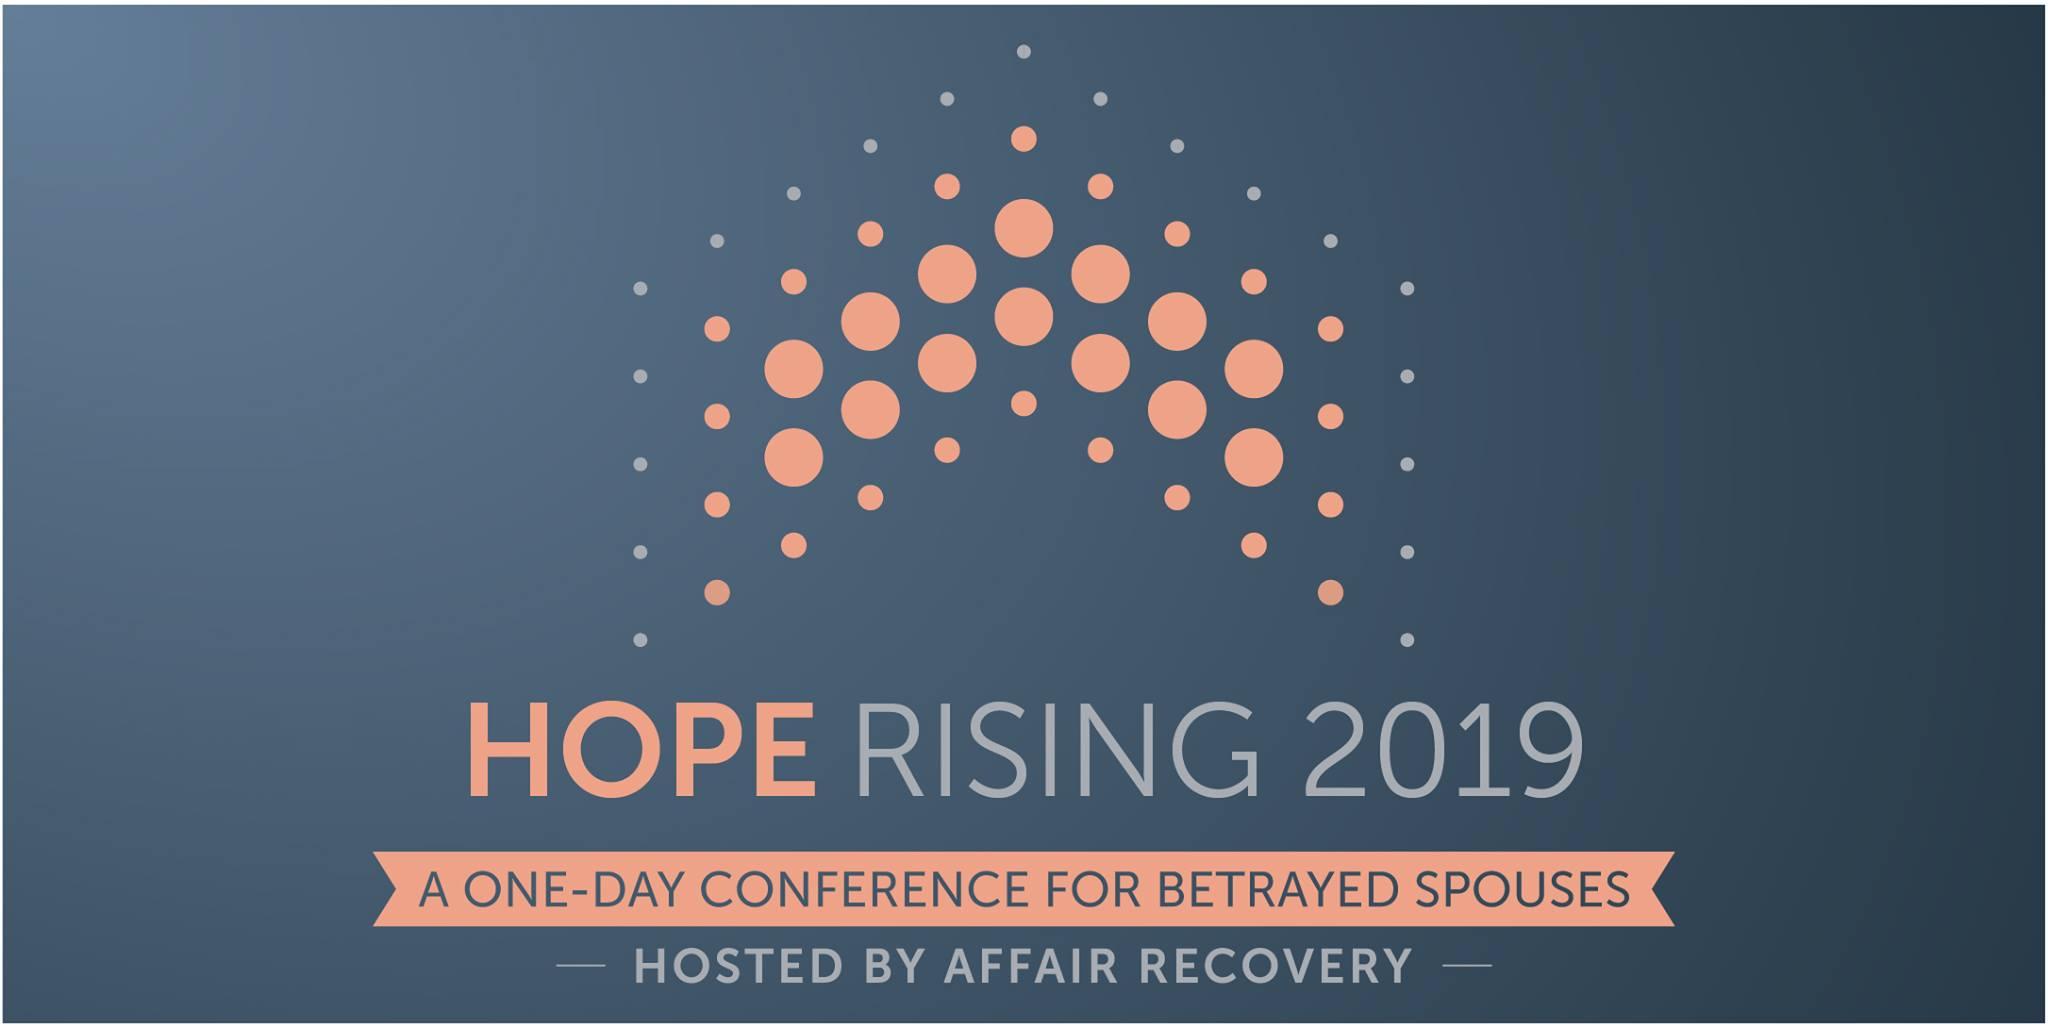 Hope Rising 2019